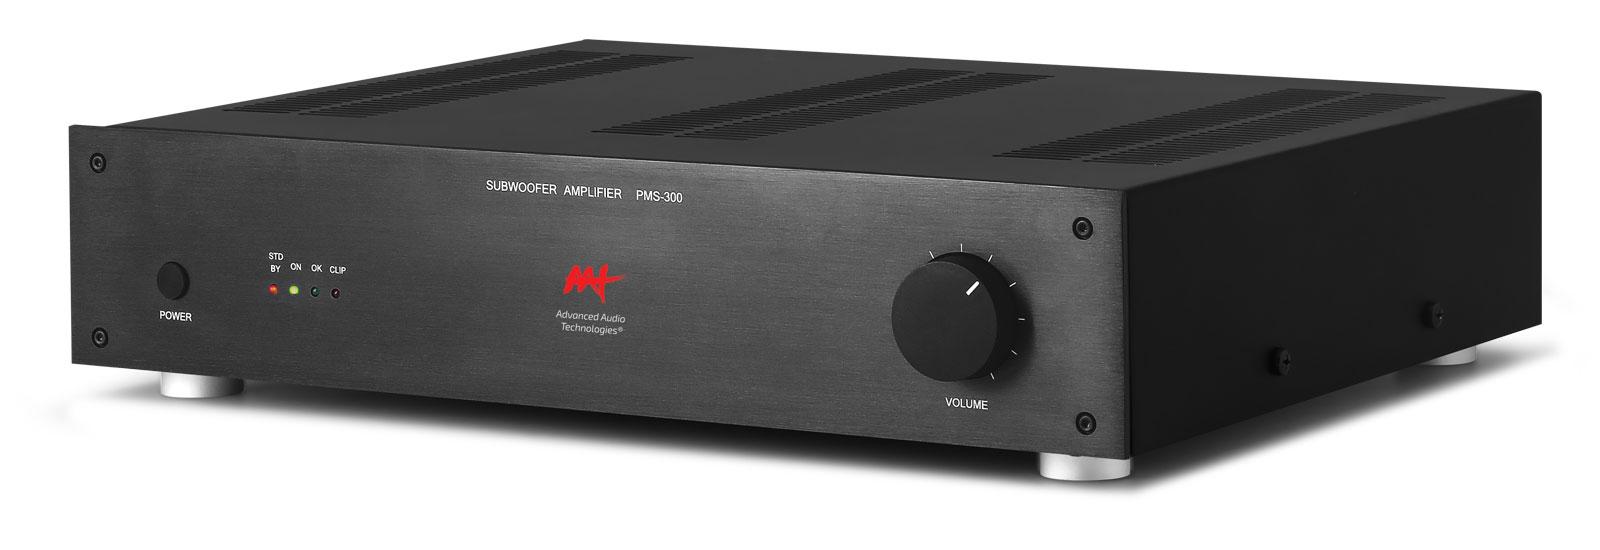 Amplificador Para Subwoofer Passivo Aat Pms300 600w Bivolt